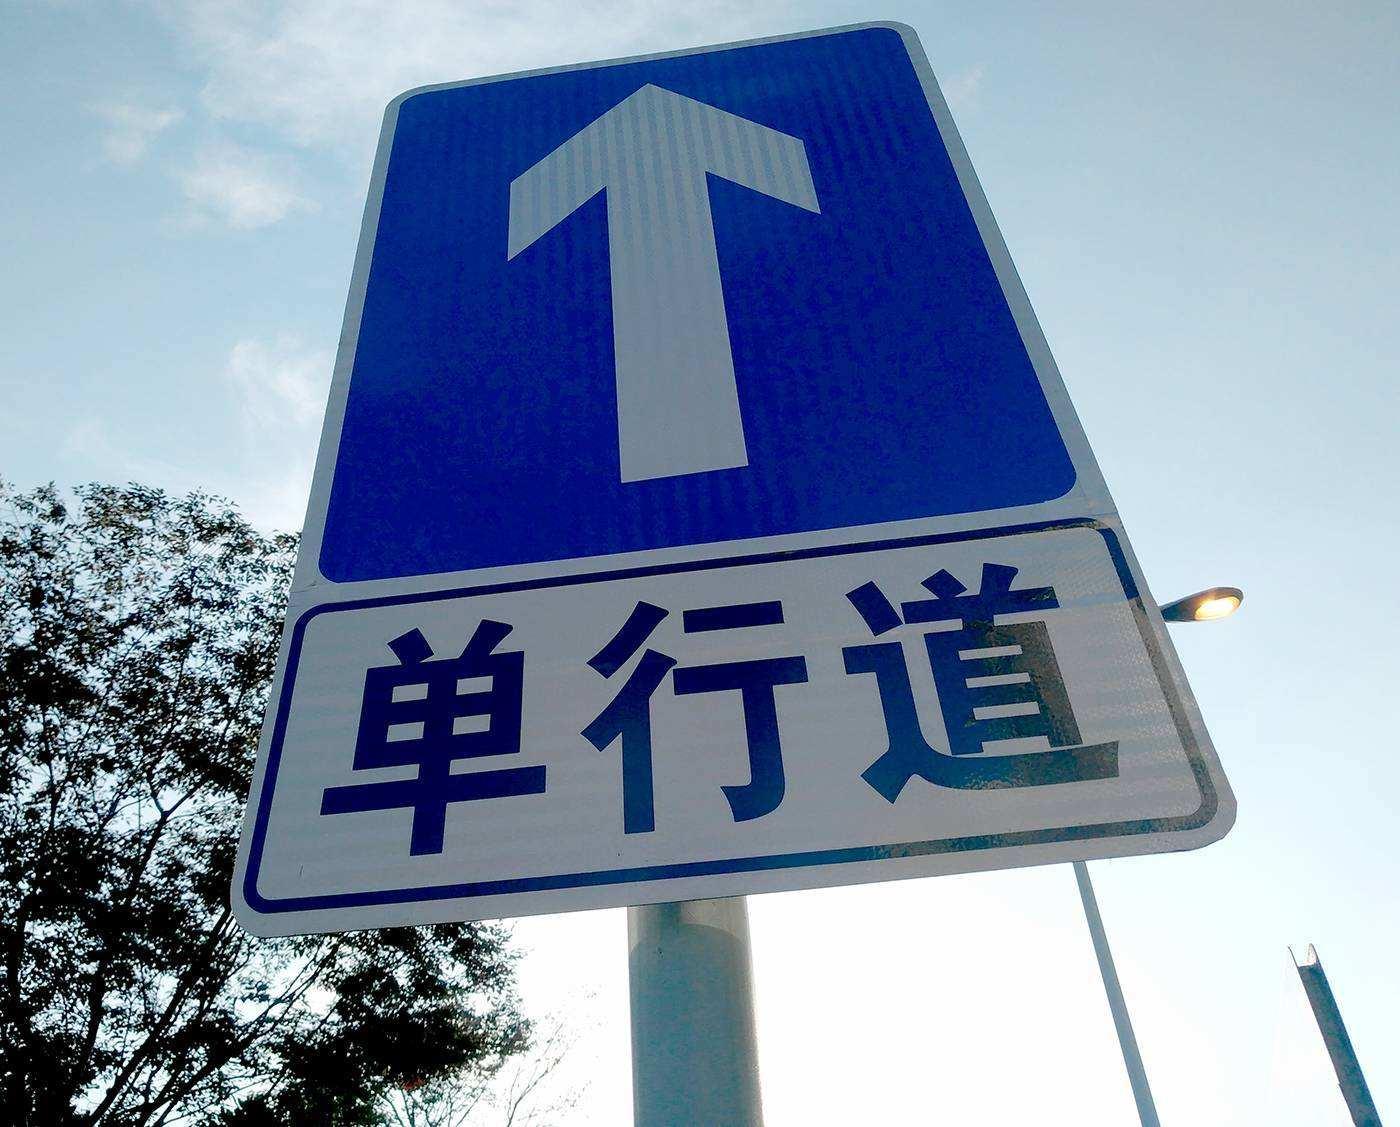 6月20日起抓拍!保定这些路段实行机动车限时单向通行管理!